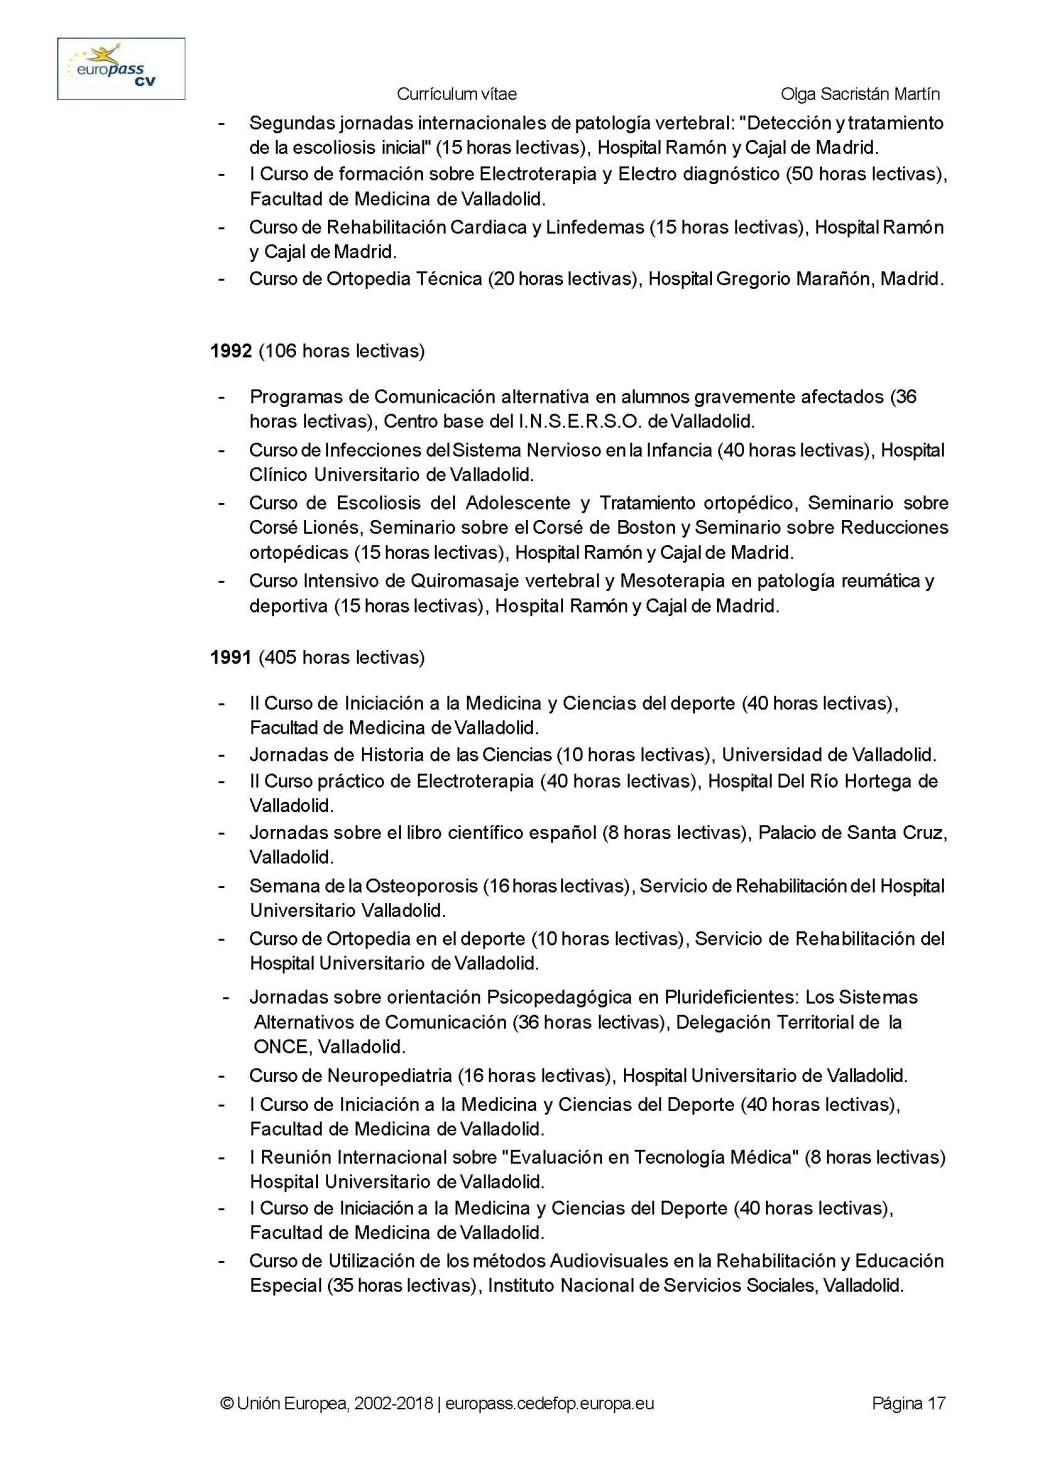 CURRICULUM EUROPASS DRA. OLGA SACRISTAN 2020_Página_17